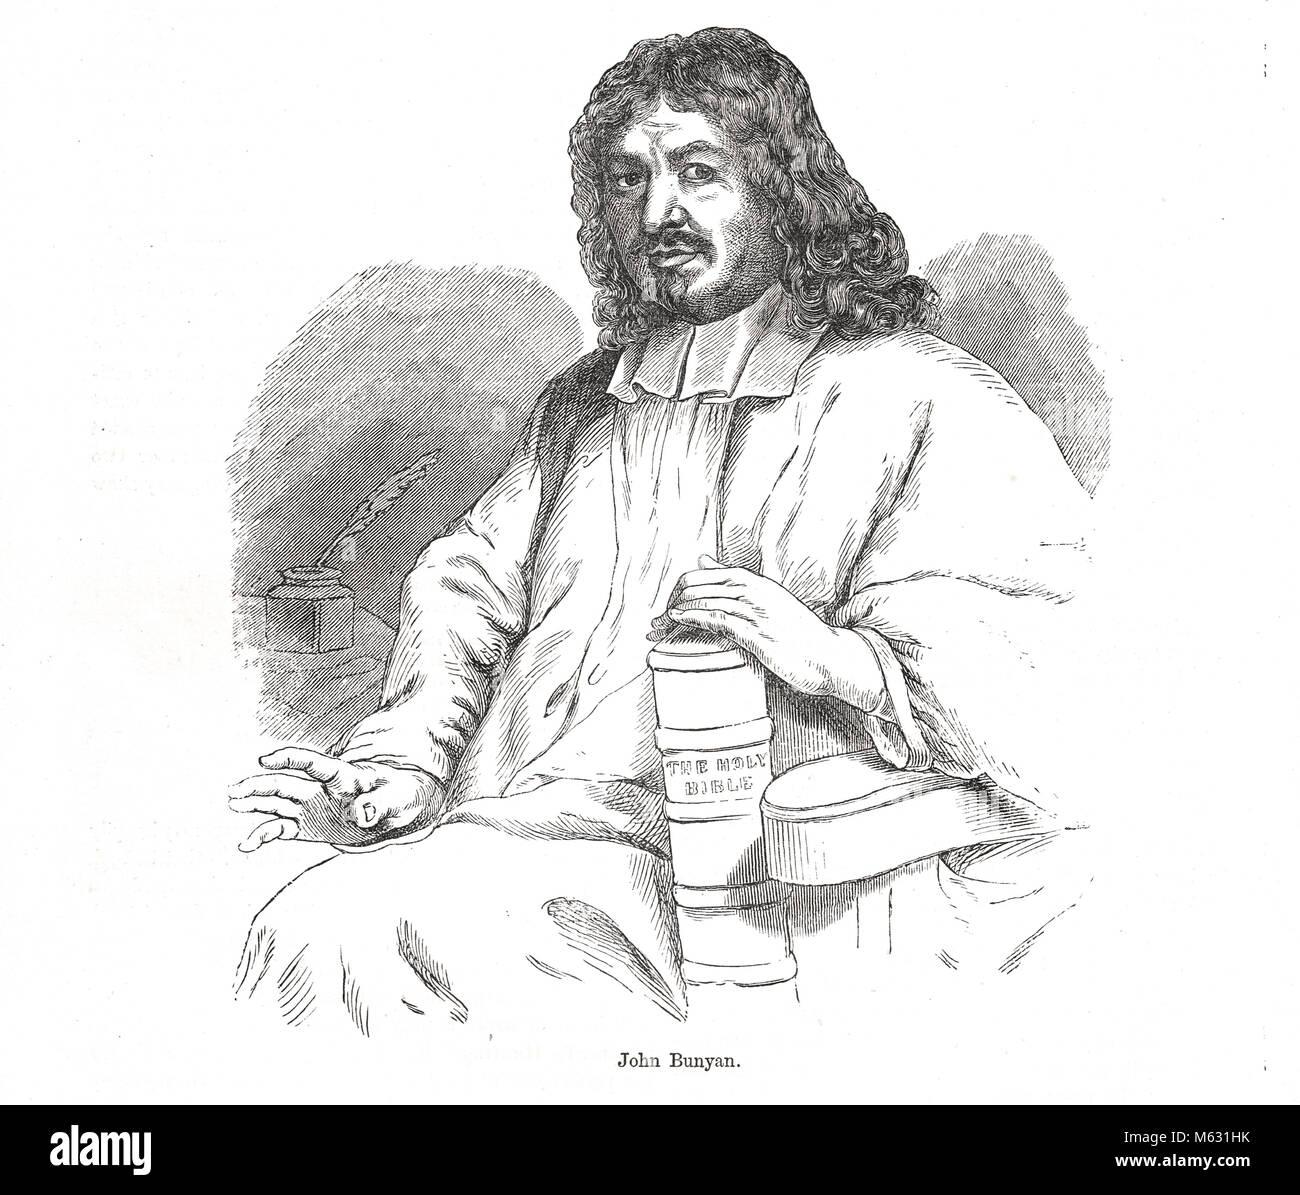 John Bunyan, English writer, Puritan preacher and author of The Pilgrim's Progress - Stock Image